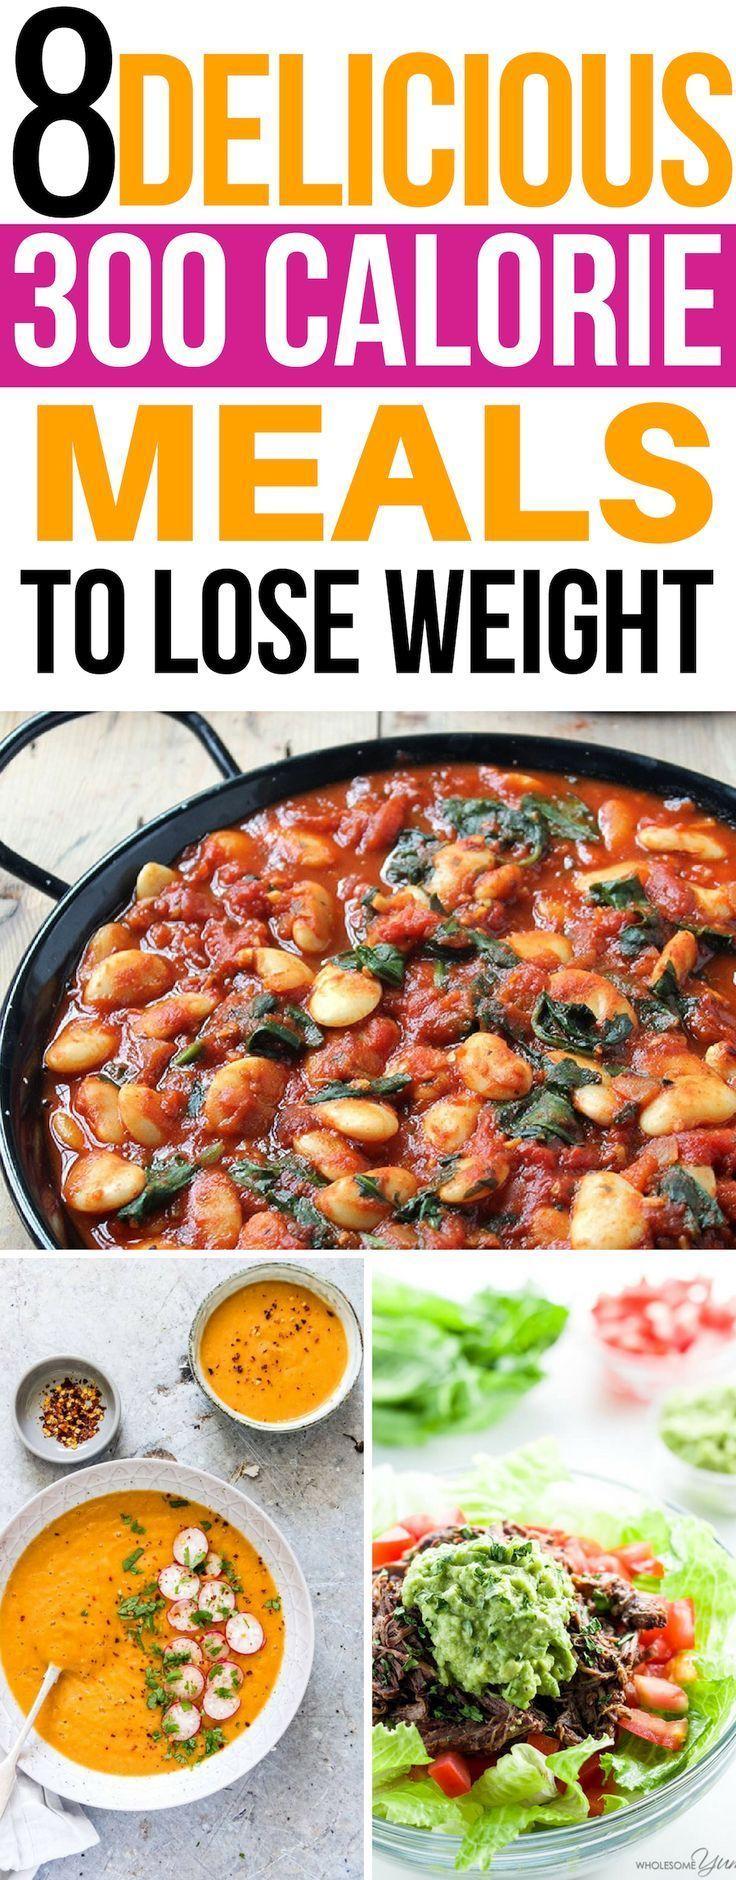 8 300 Kalorien Mahlzeiten, die Ihnen helfen, Gewicht zu verlieren   – Workout/ H…